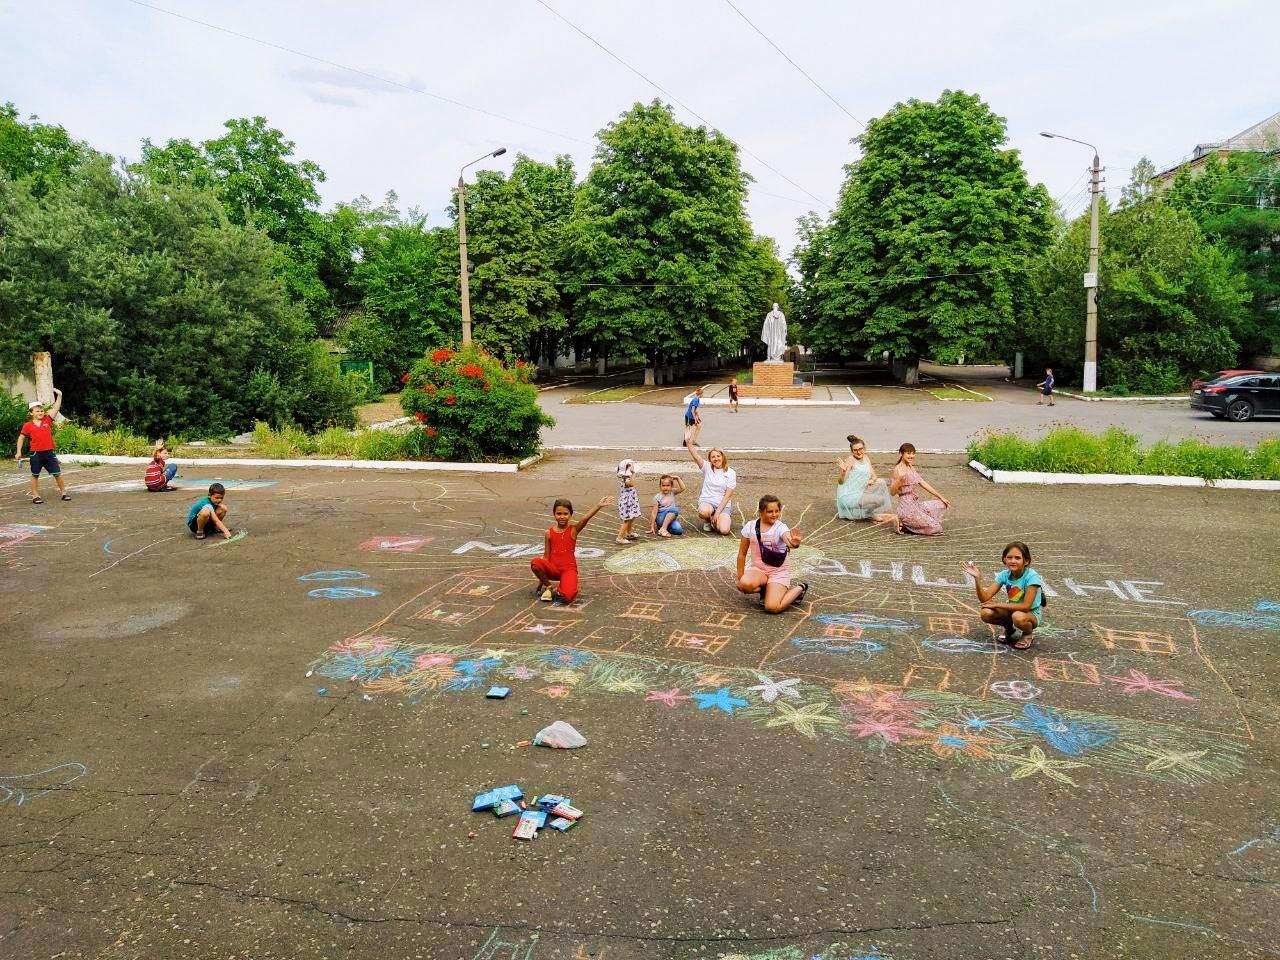 Конкурс рисунков на асфальте «Я рисую гордую страну» состоялся в Металлисте 3